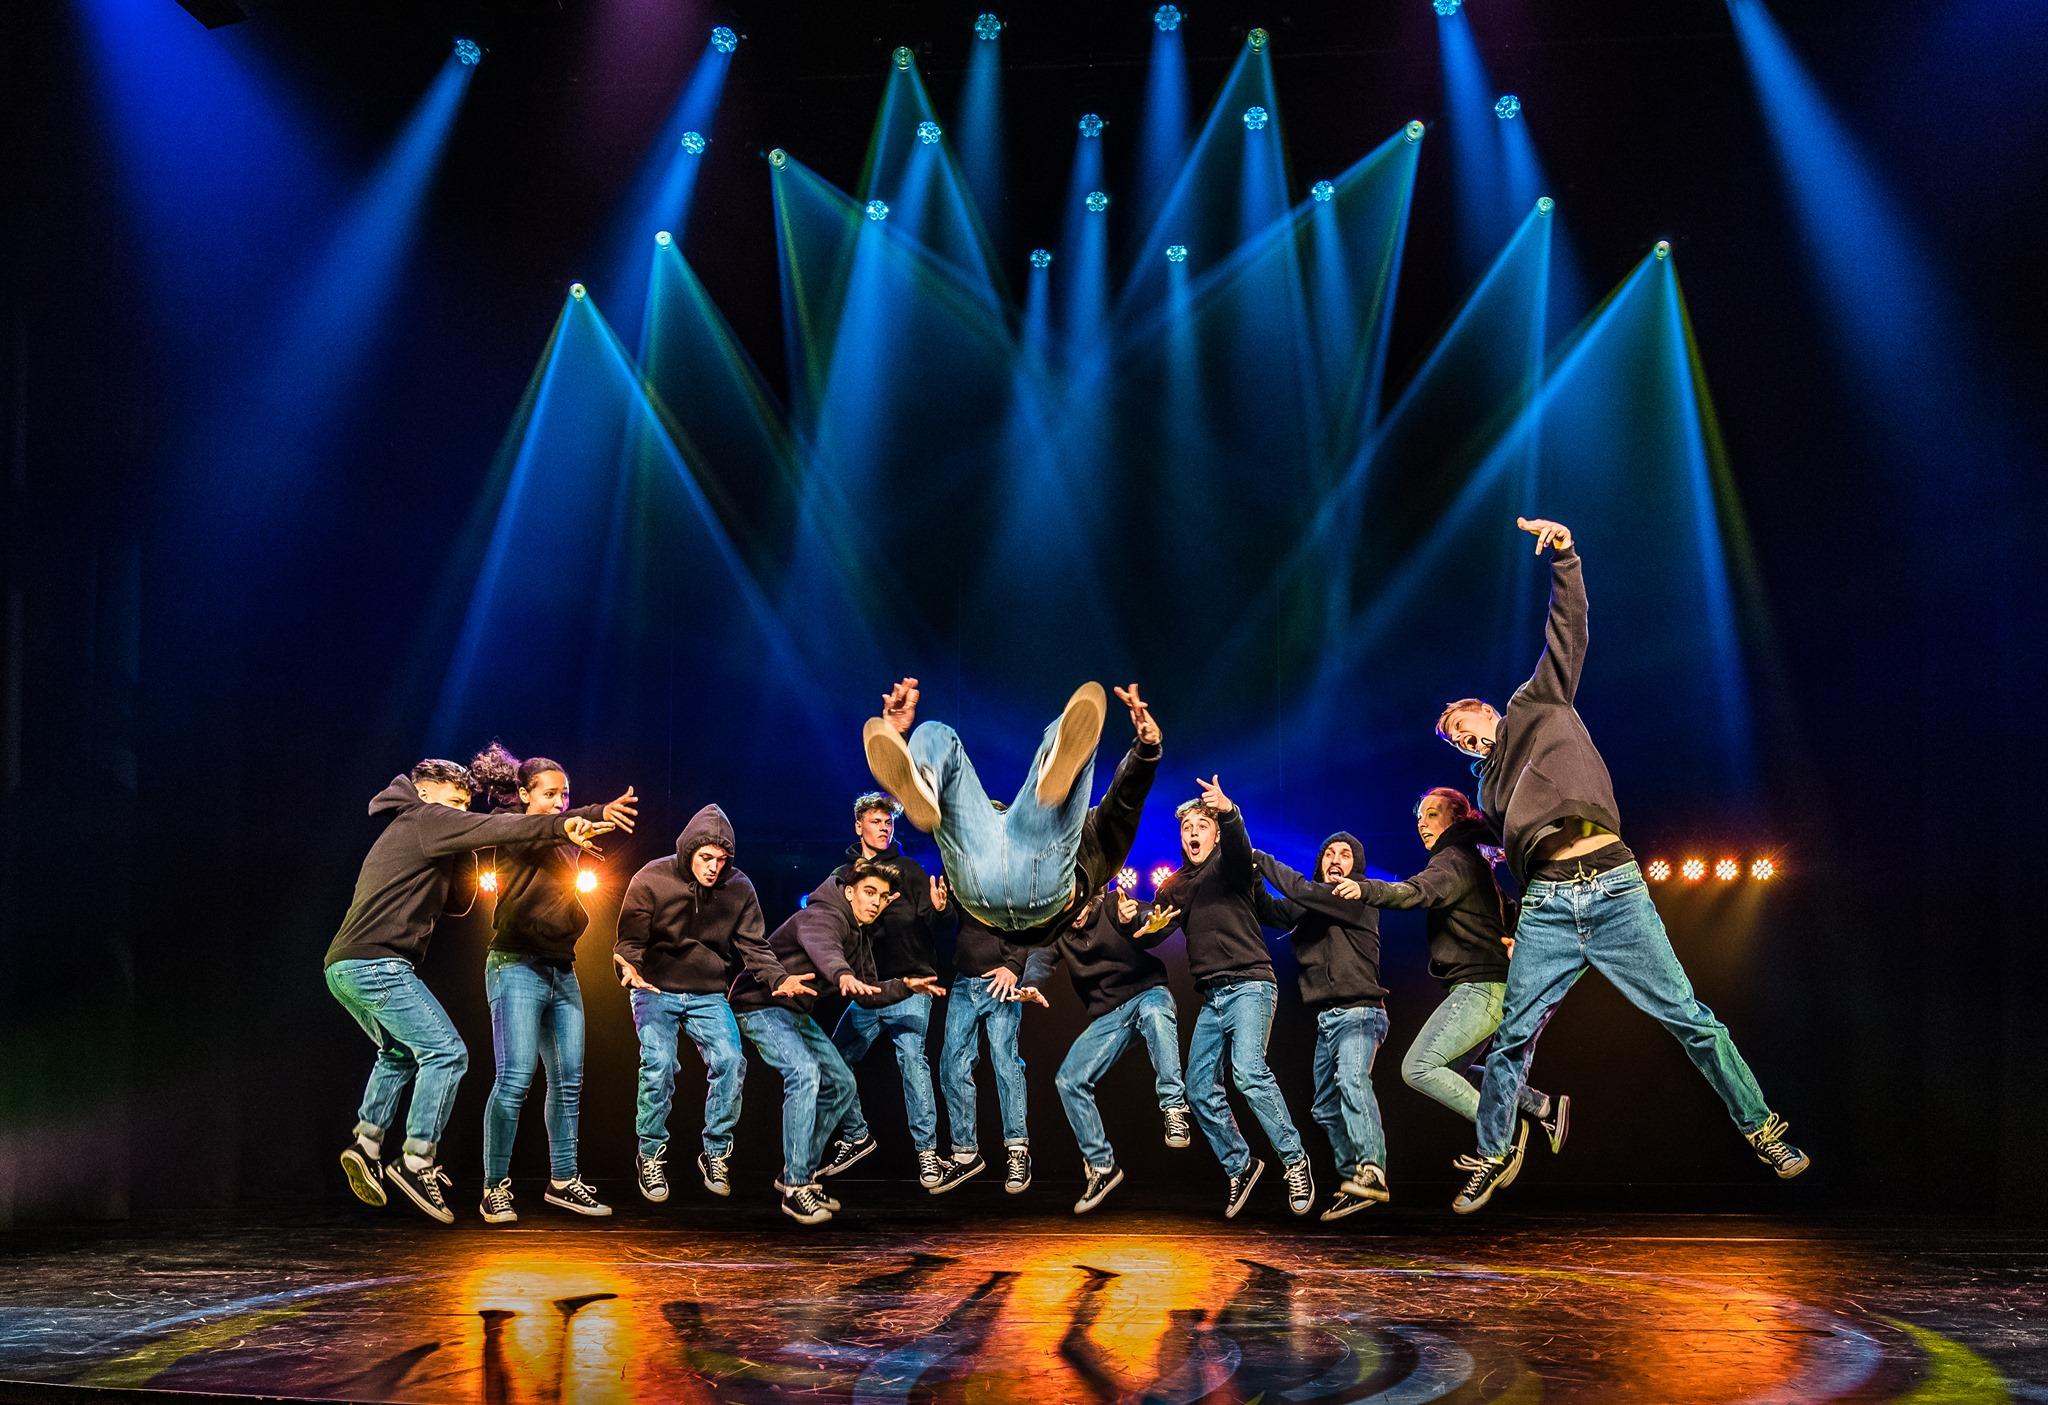 Gemeentelijke erkenning voor internationale dansgemeenschap Breaksquad